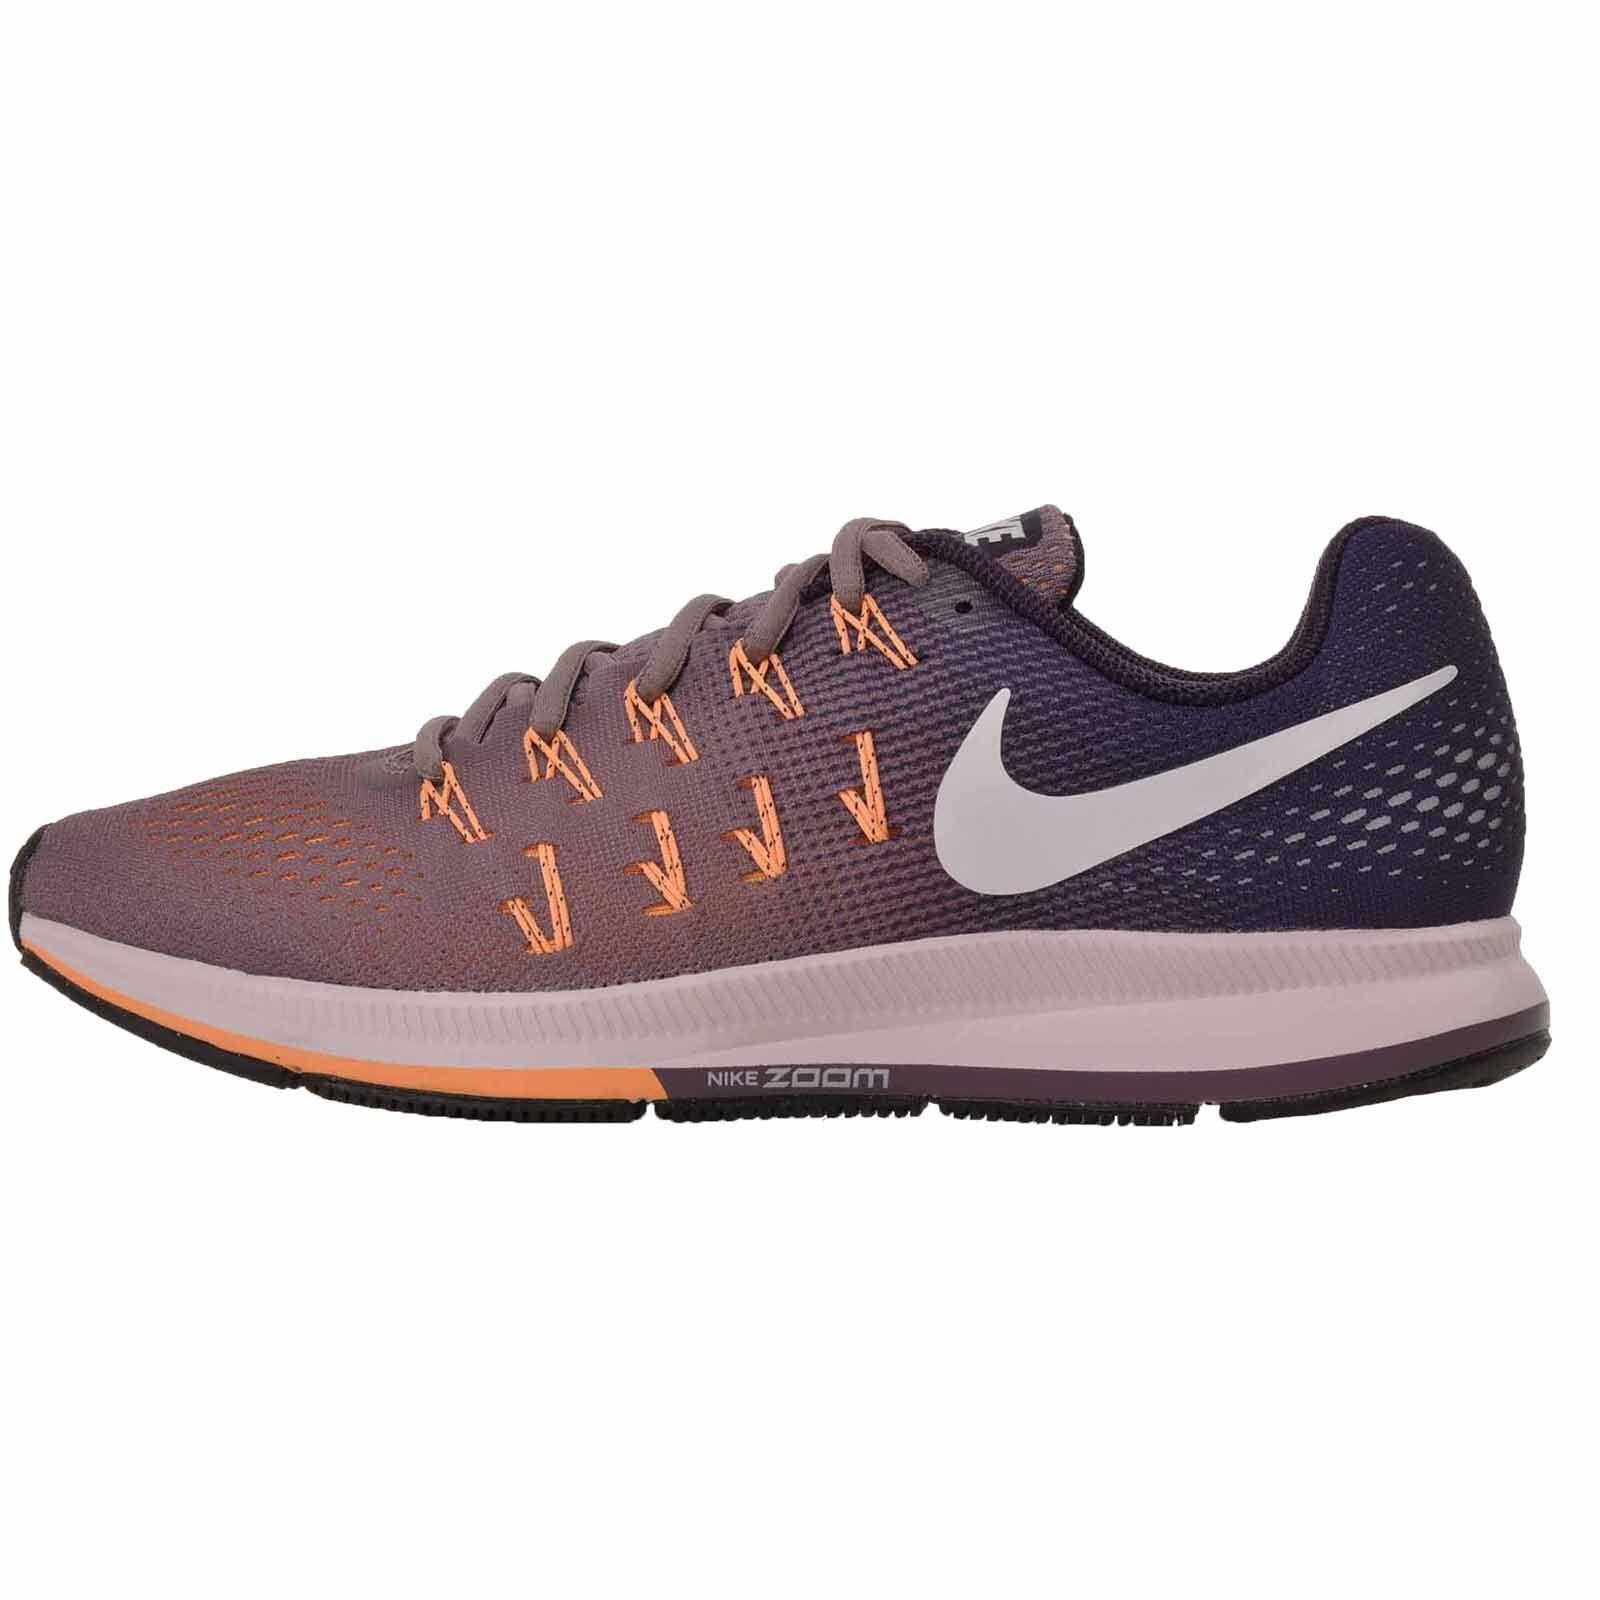 Nike Wmns Zoom Air Zoom Wmns Pegasus 33 corriendo los zapatos de los Mujer humo púrpura 831356-500 el último descuento zapatos para hombres y mujeres da342d